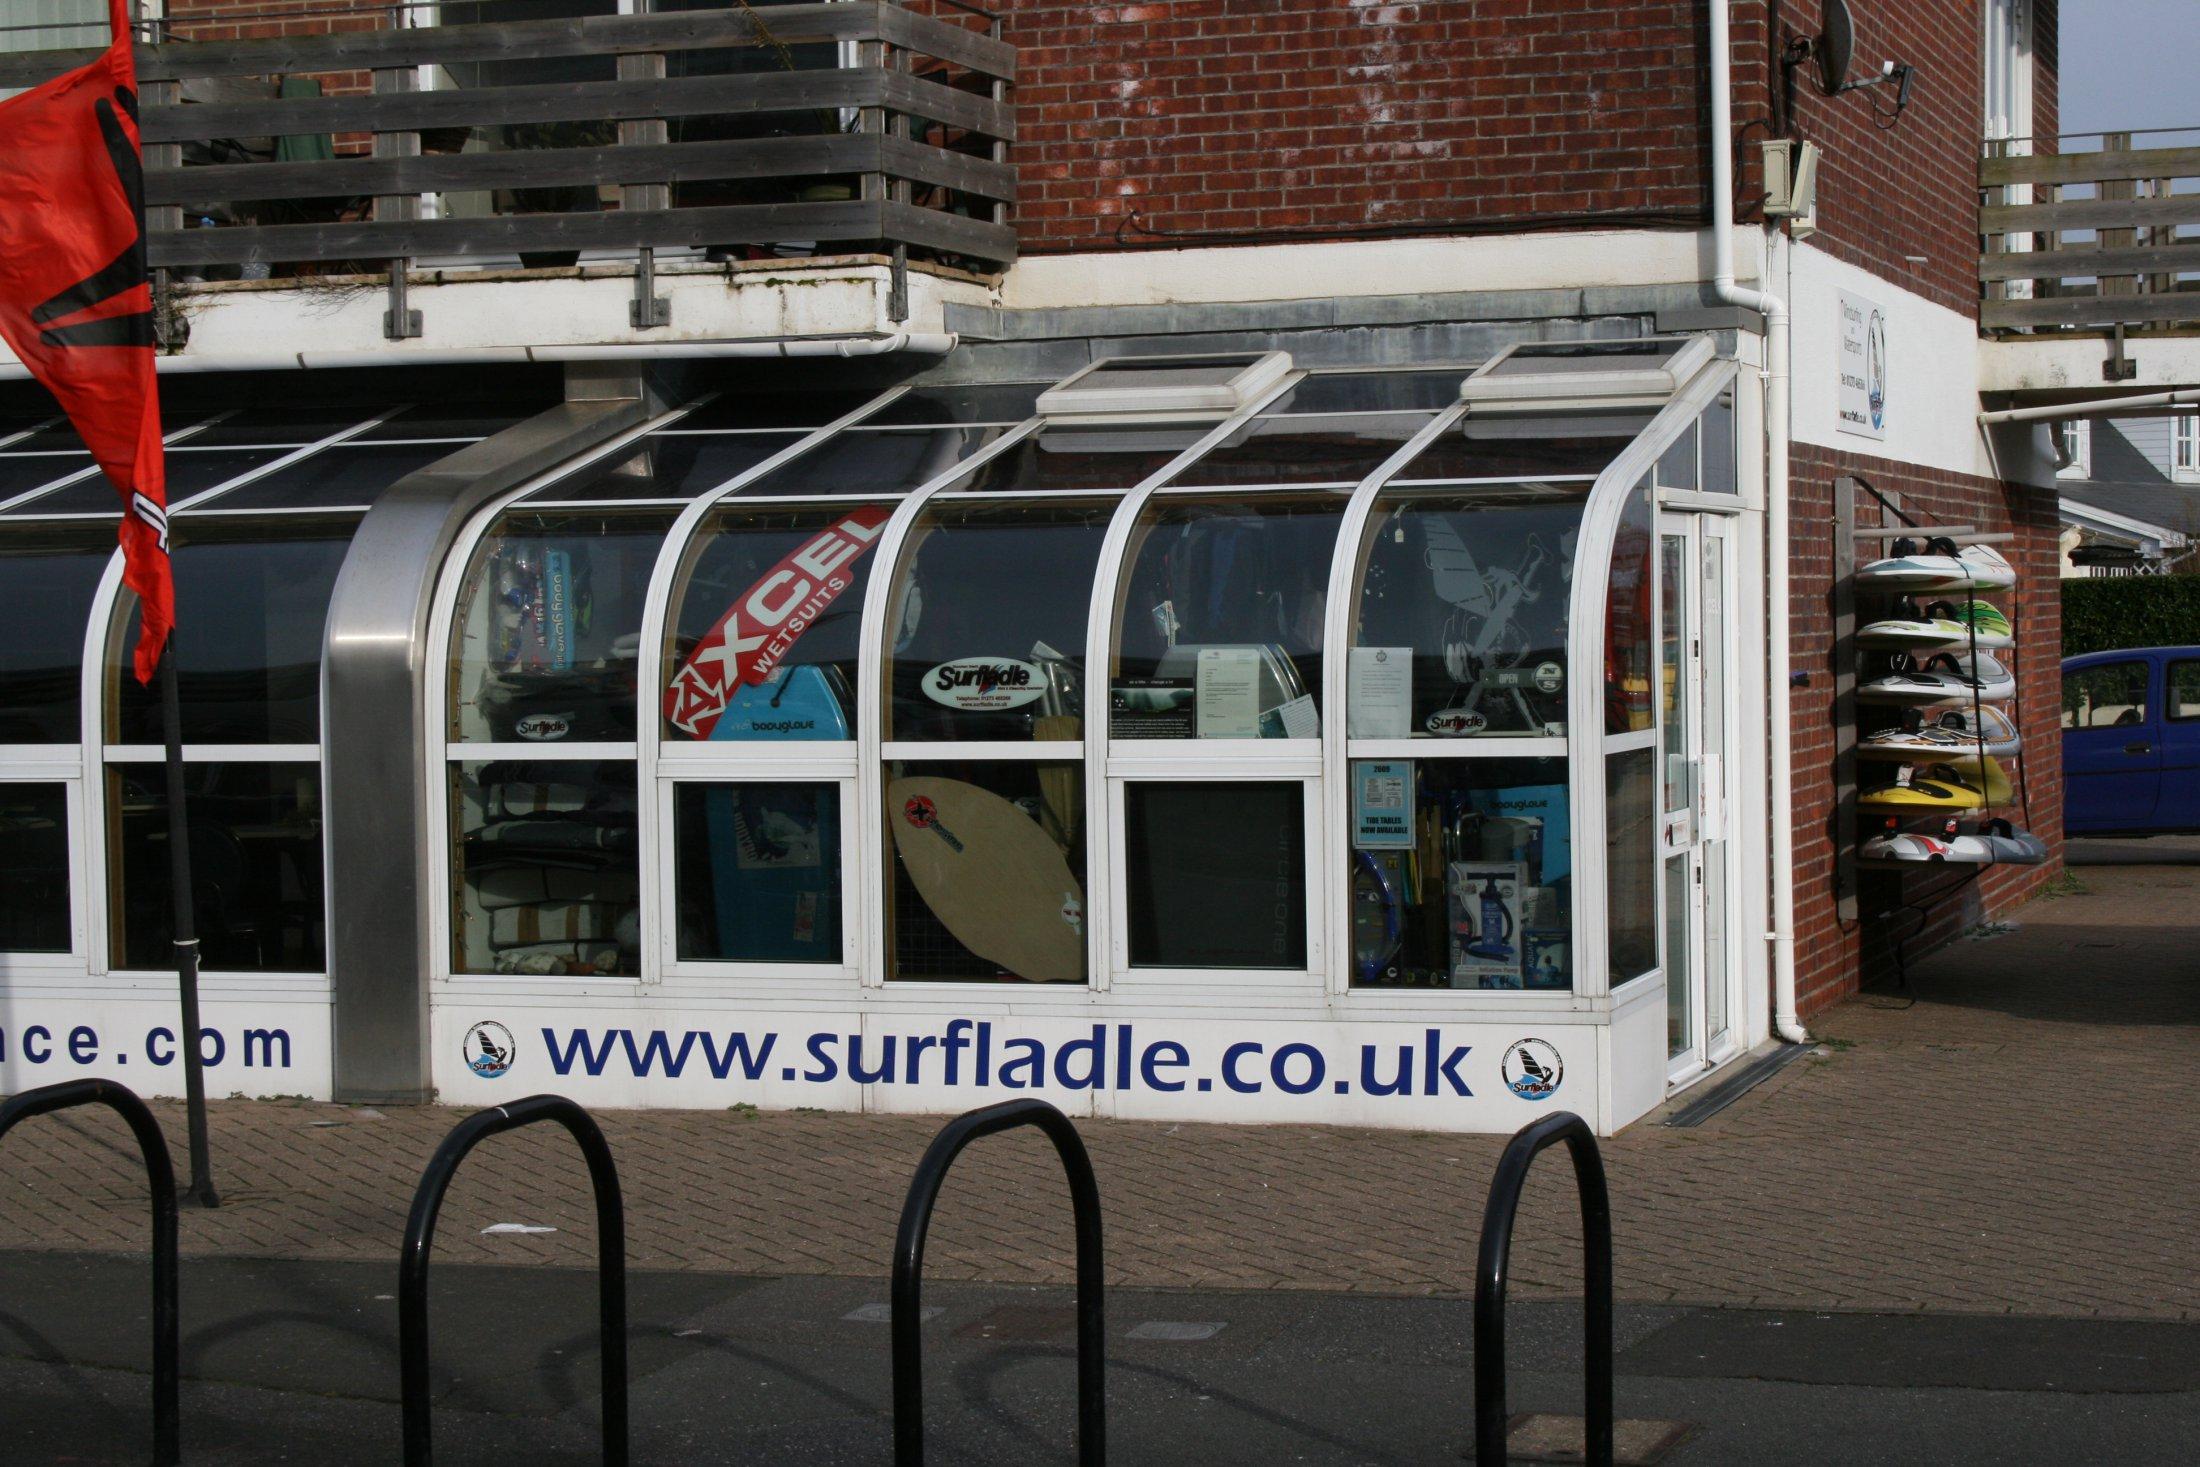 33 Surfladle